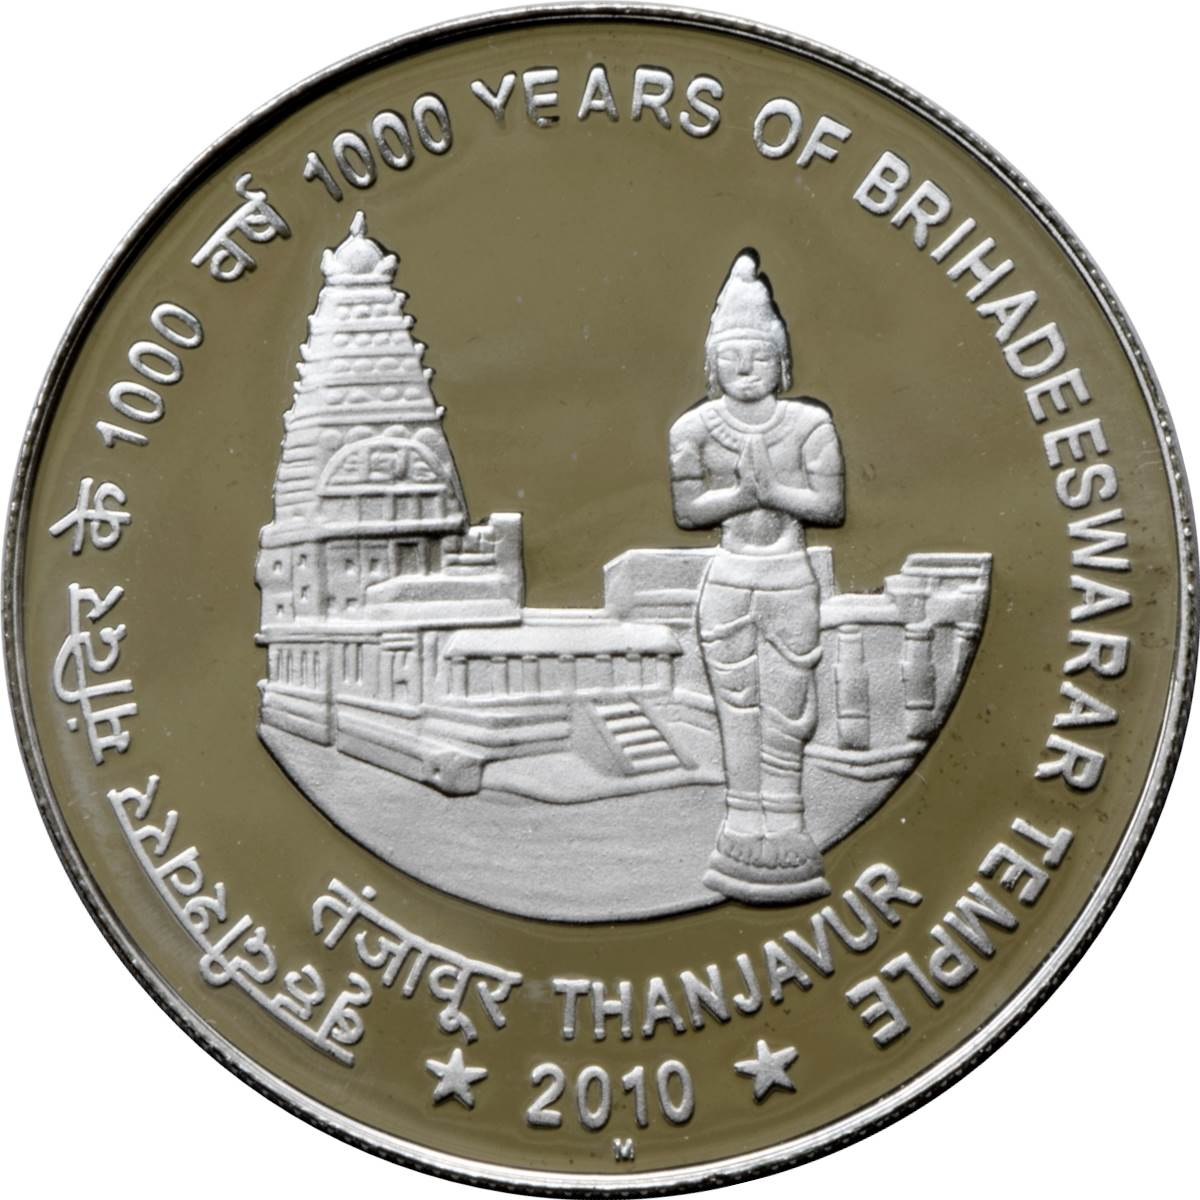 1000 Rupees (1000 Years of Brihadeeswarar Temple) - India ...